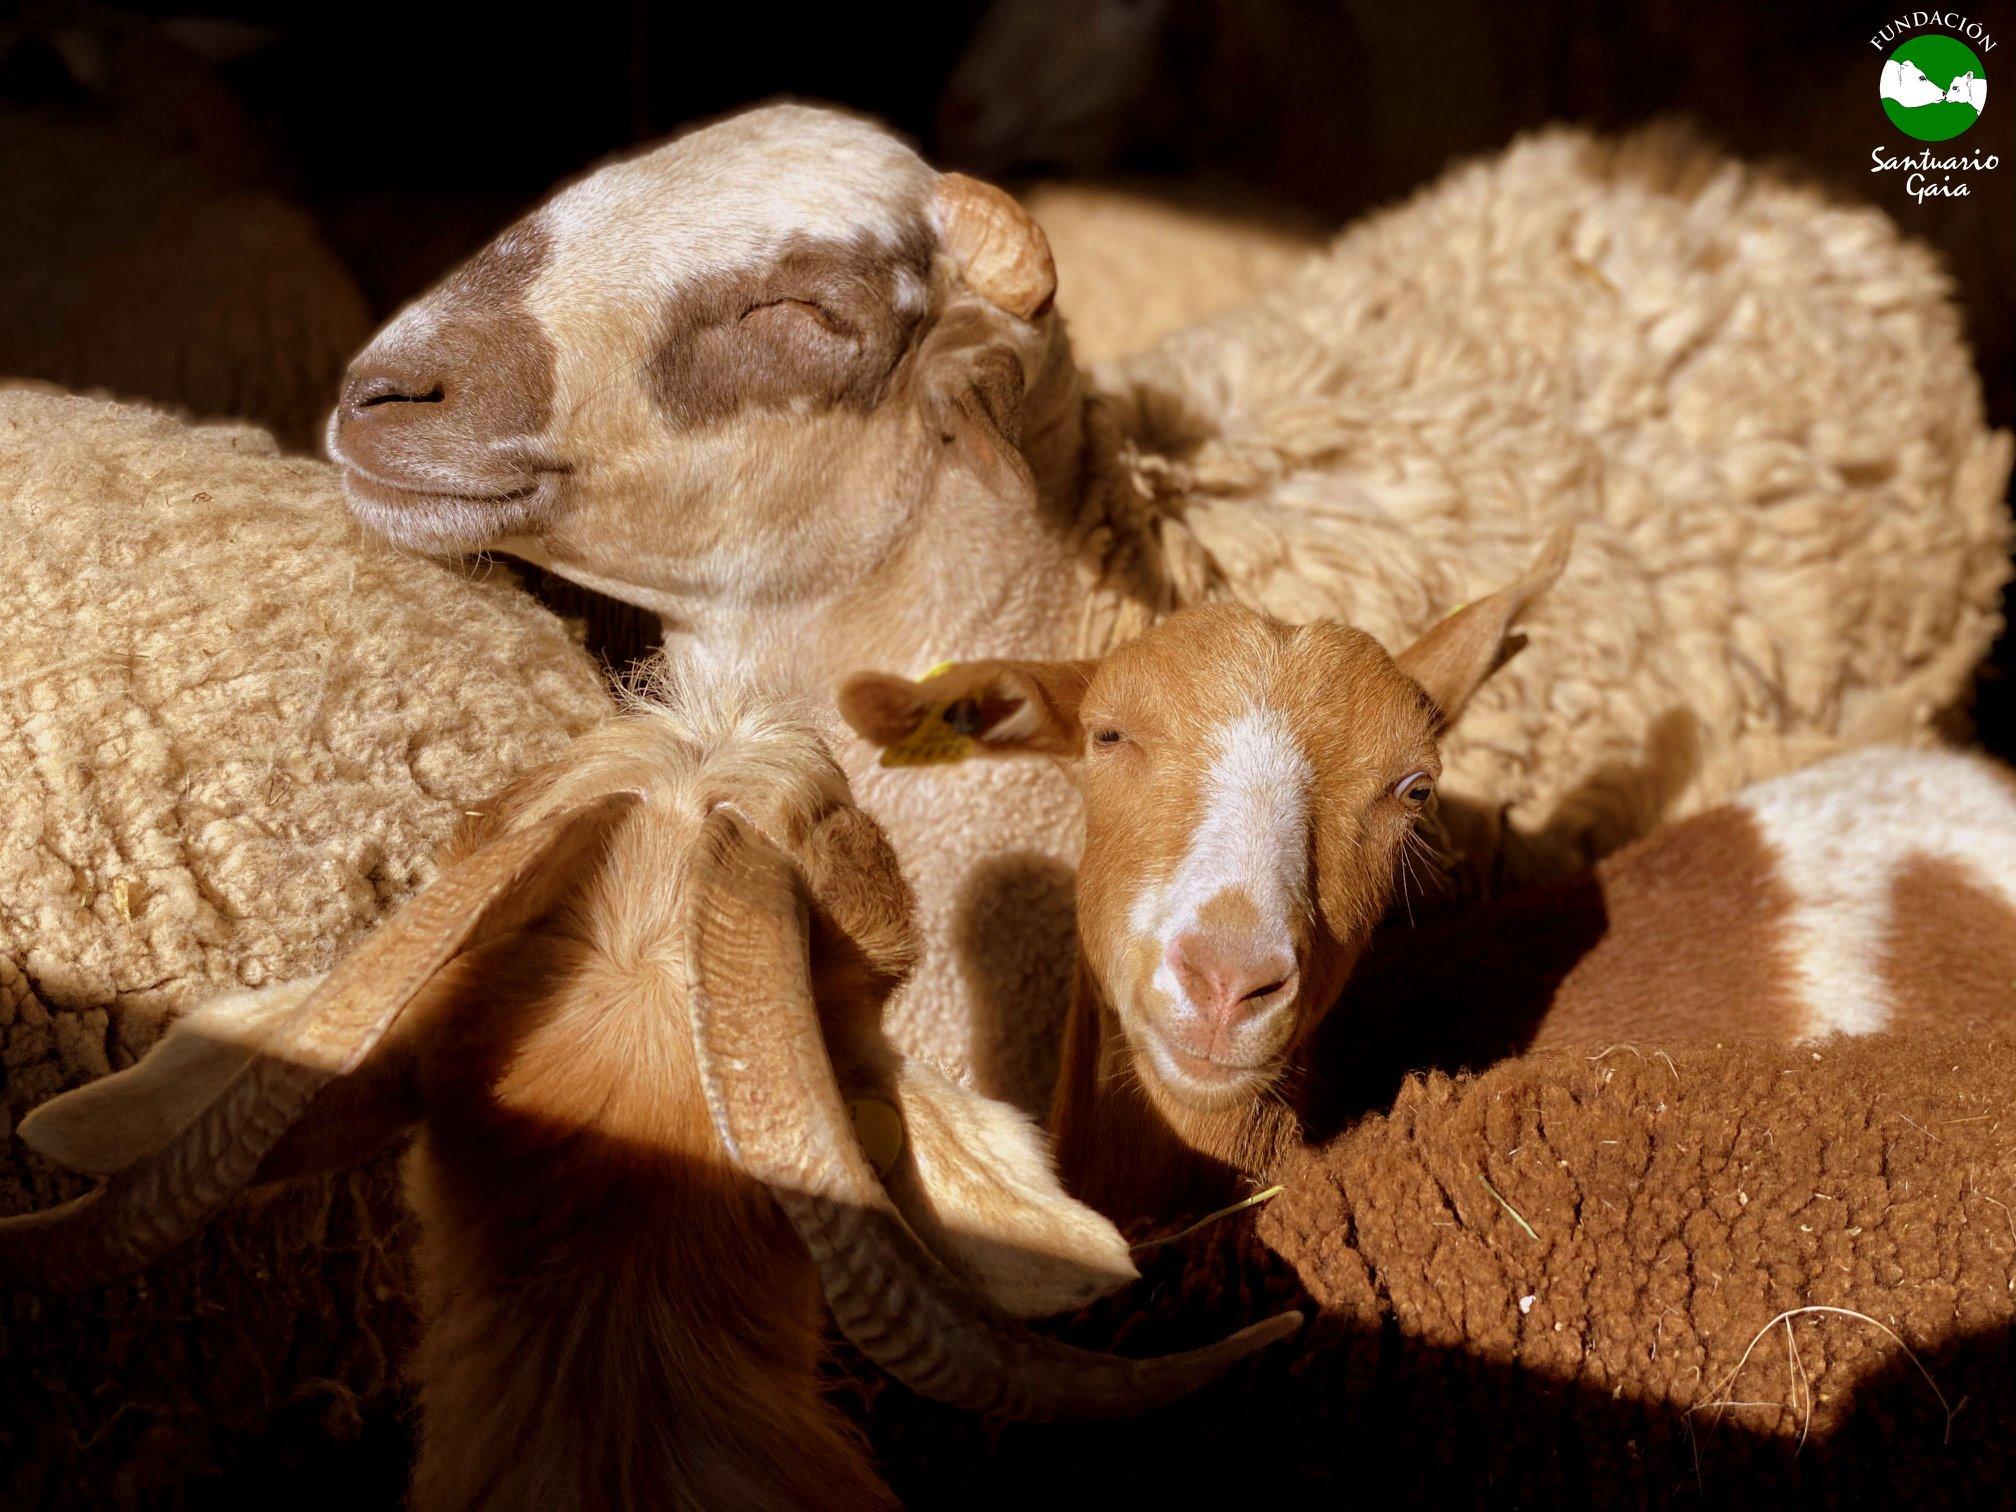 igor norma cabra, carnero,